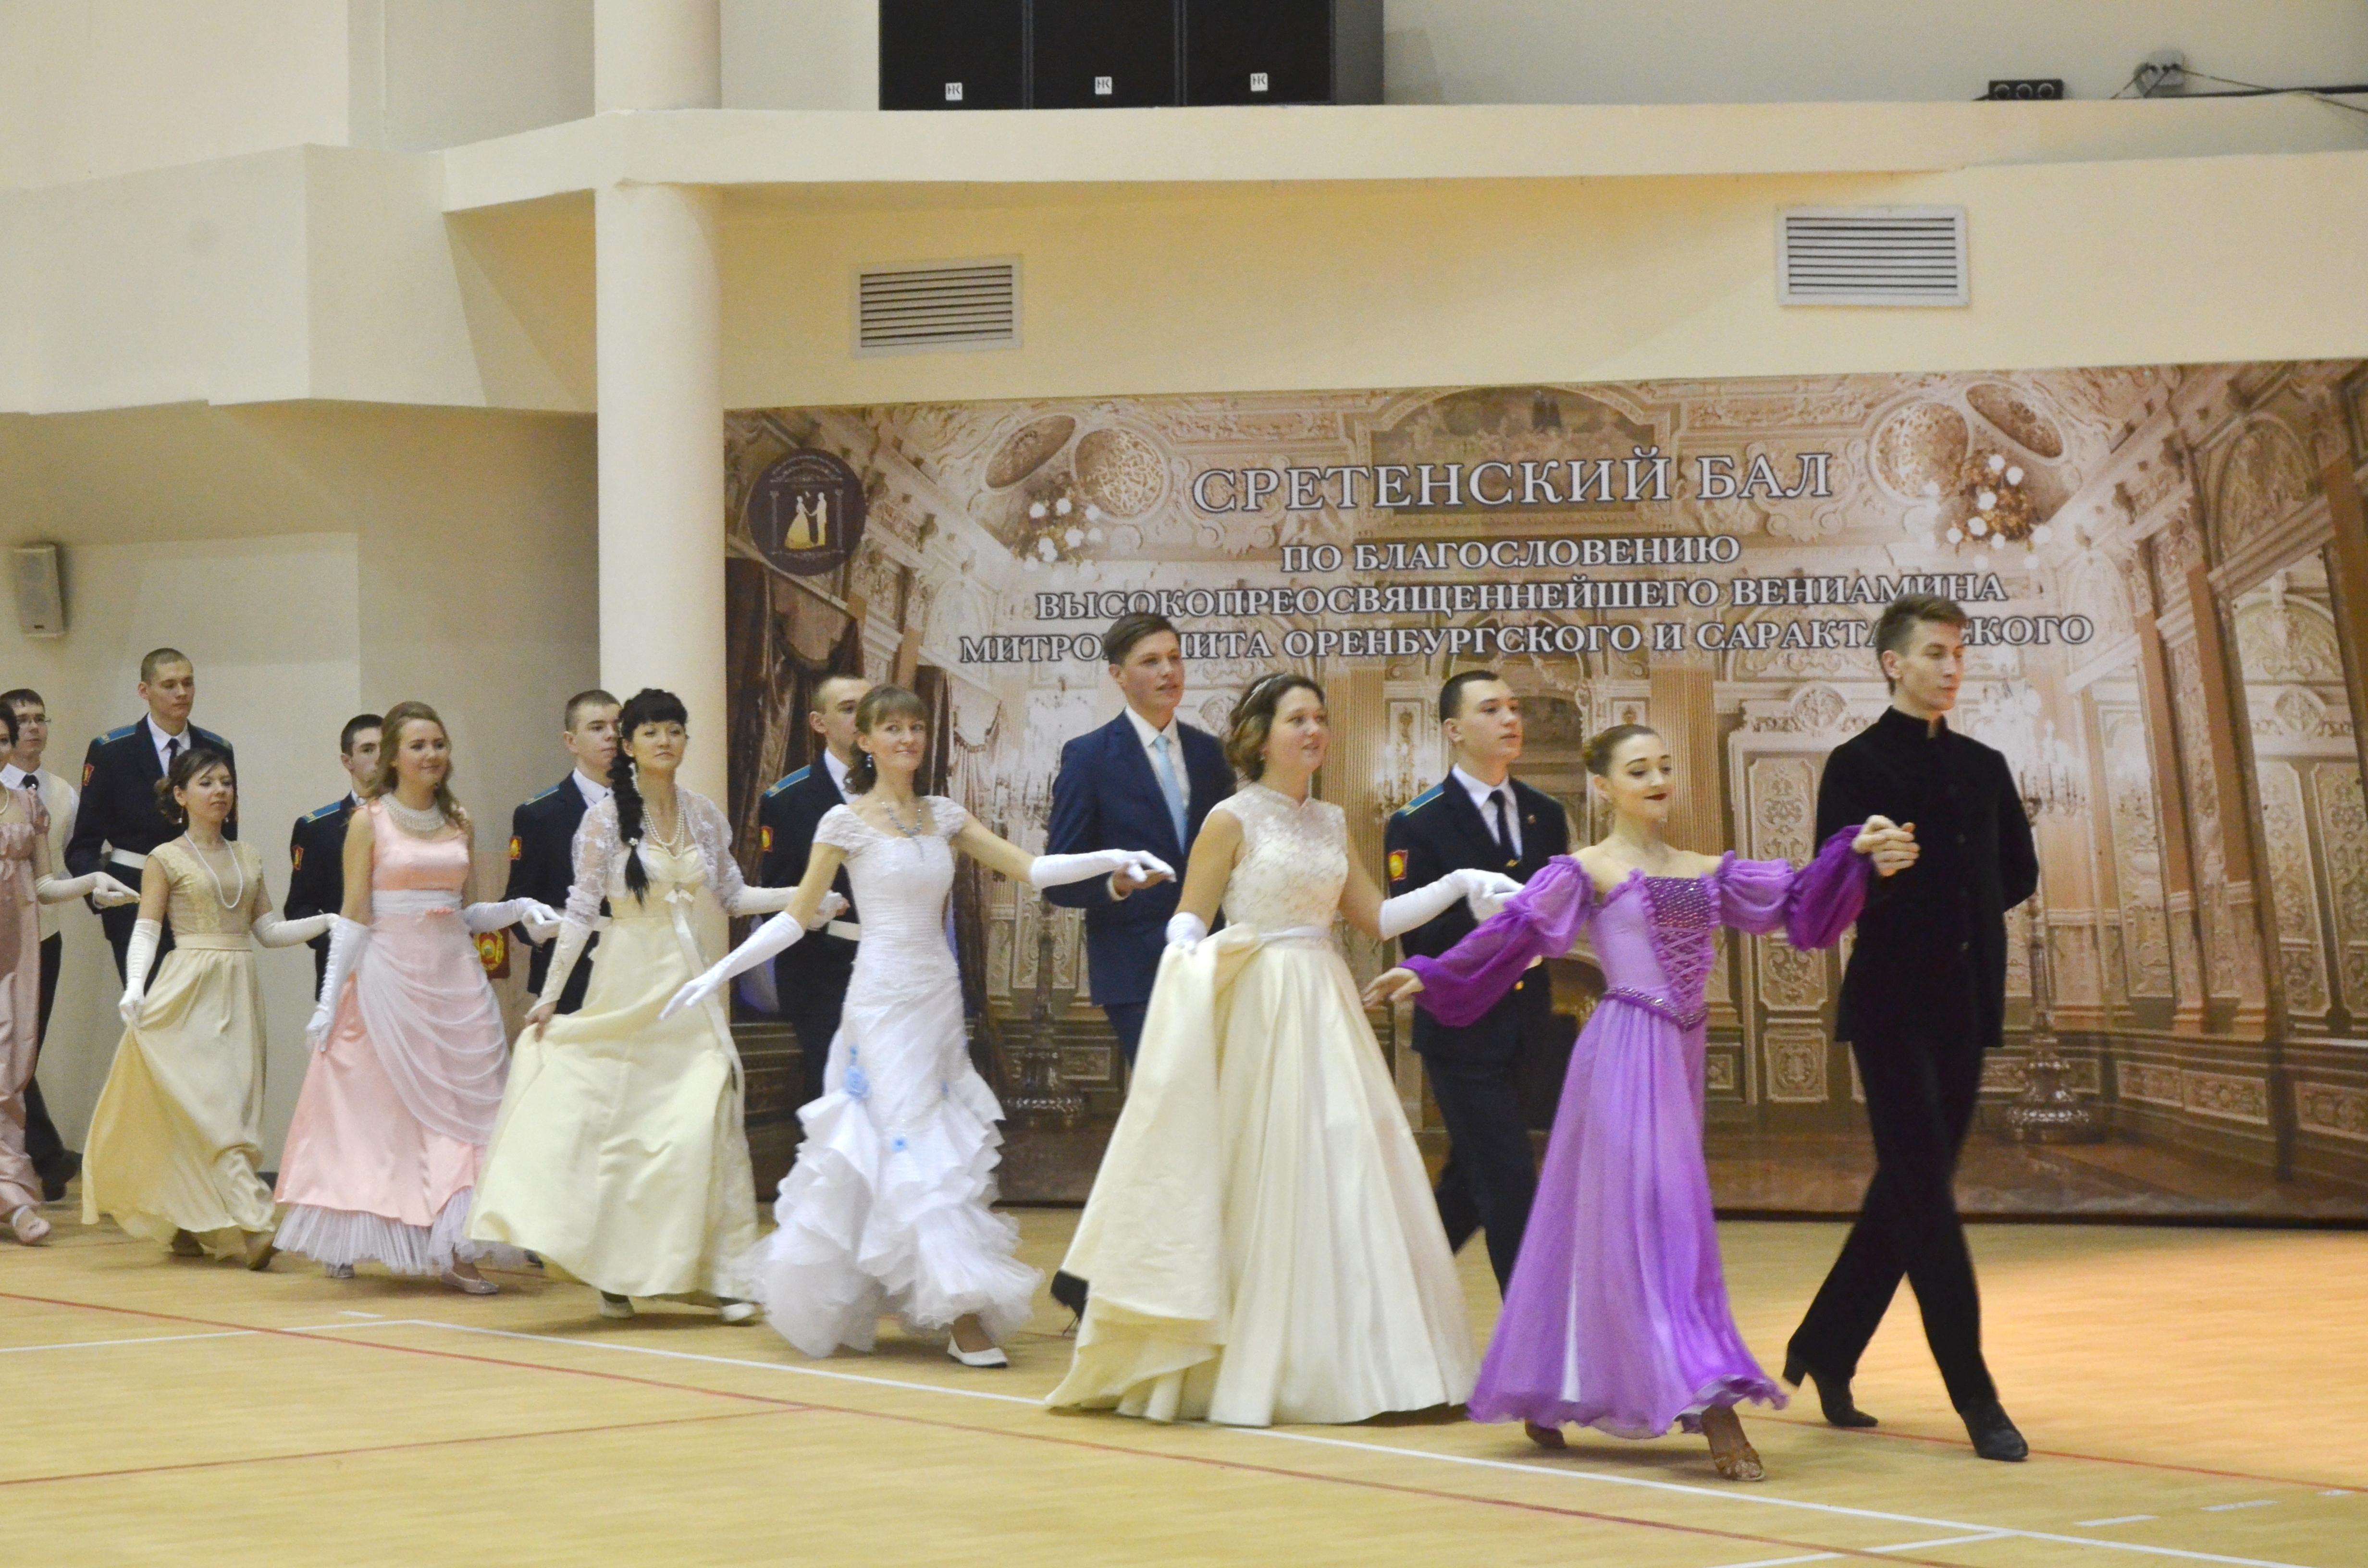 Оренбургские следопыты – участники Сретенского бала